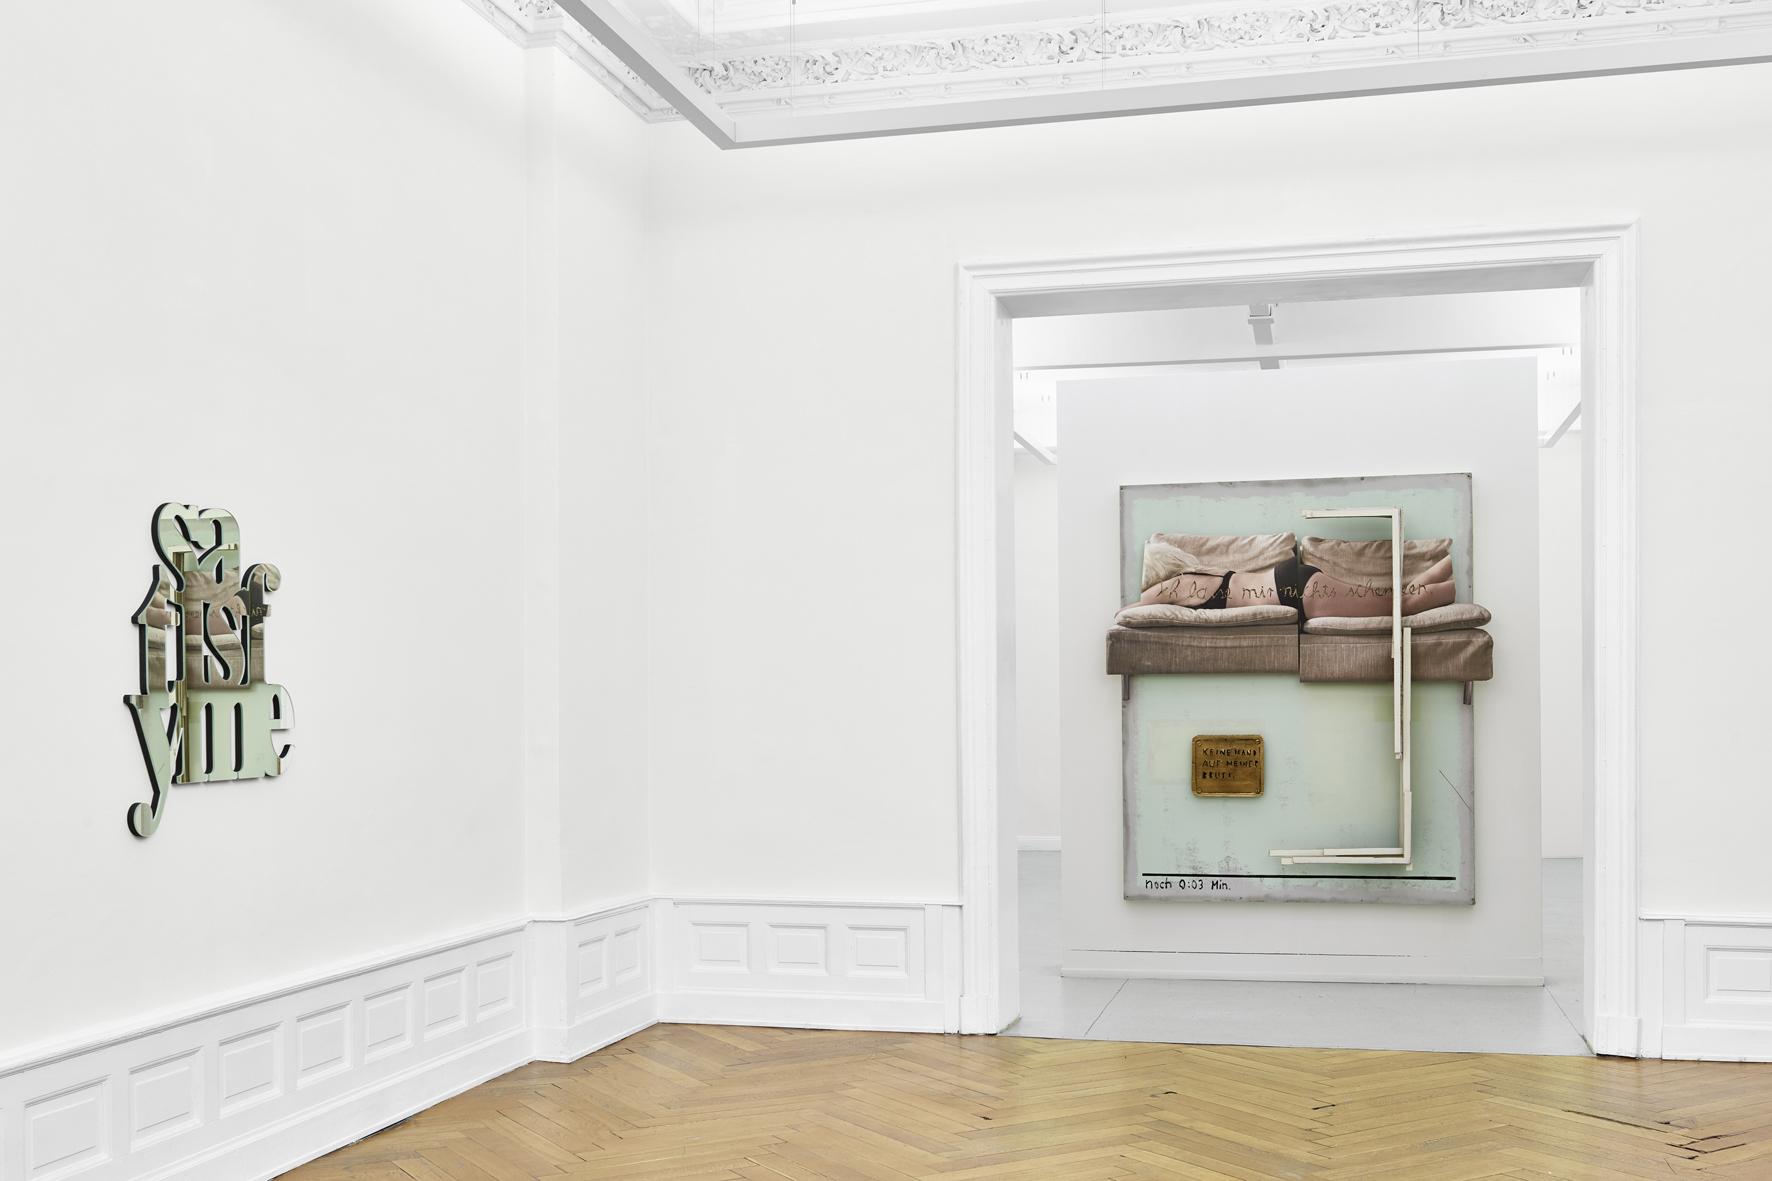 03_satisfy me_ Sammlung Wemhoener, installation view, photo©def_image.jpg